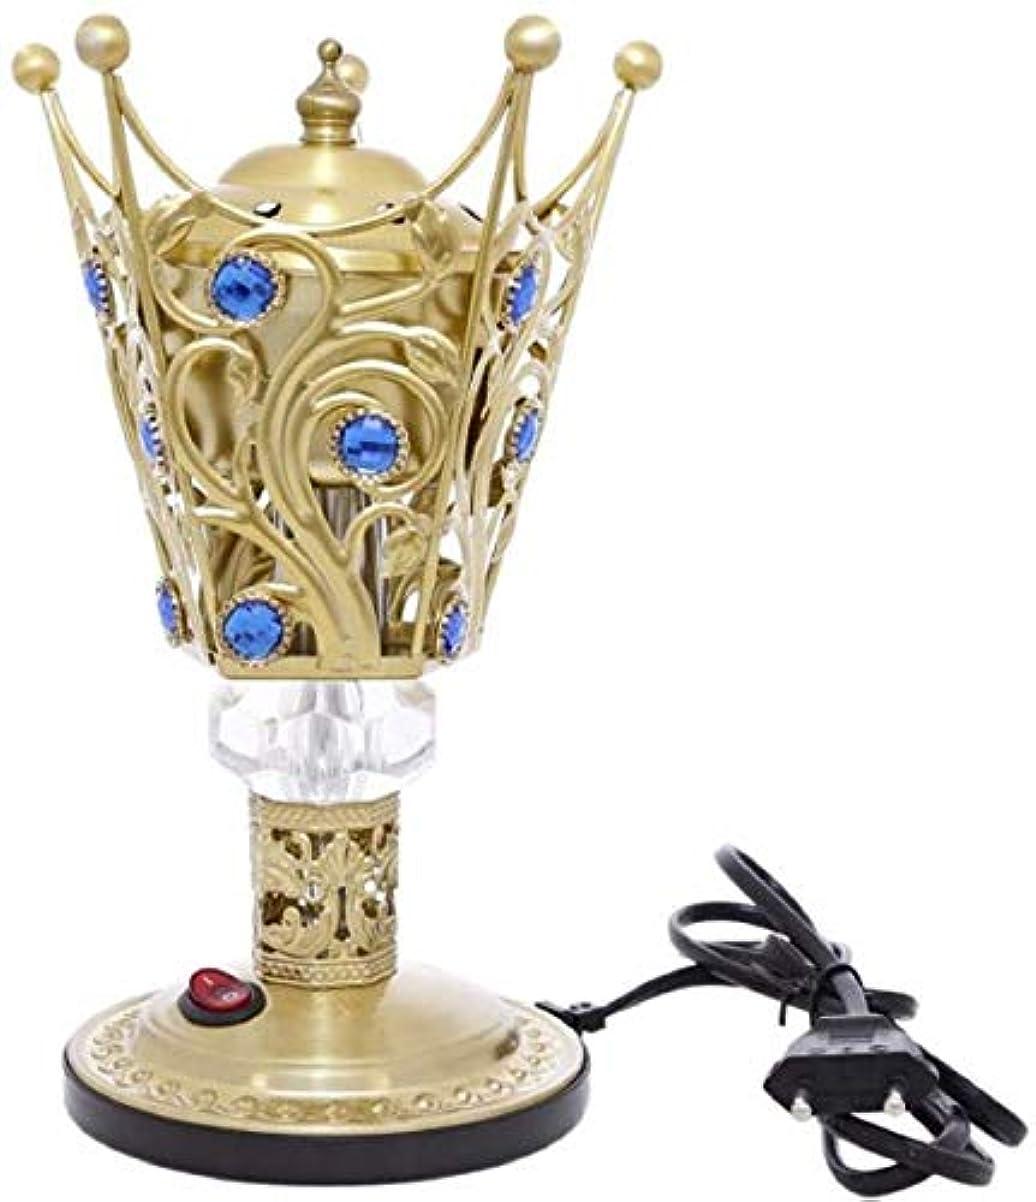 力彫刻所有権OMG-Deal Electric Bakhoor Burner Electric Incense Burner +Camphor- Oud Resin Frankincense Camphor Positive Energy...